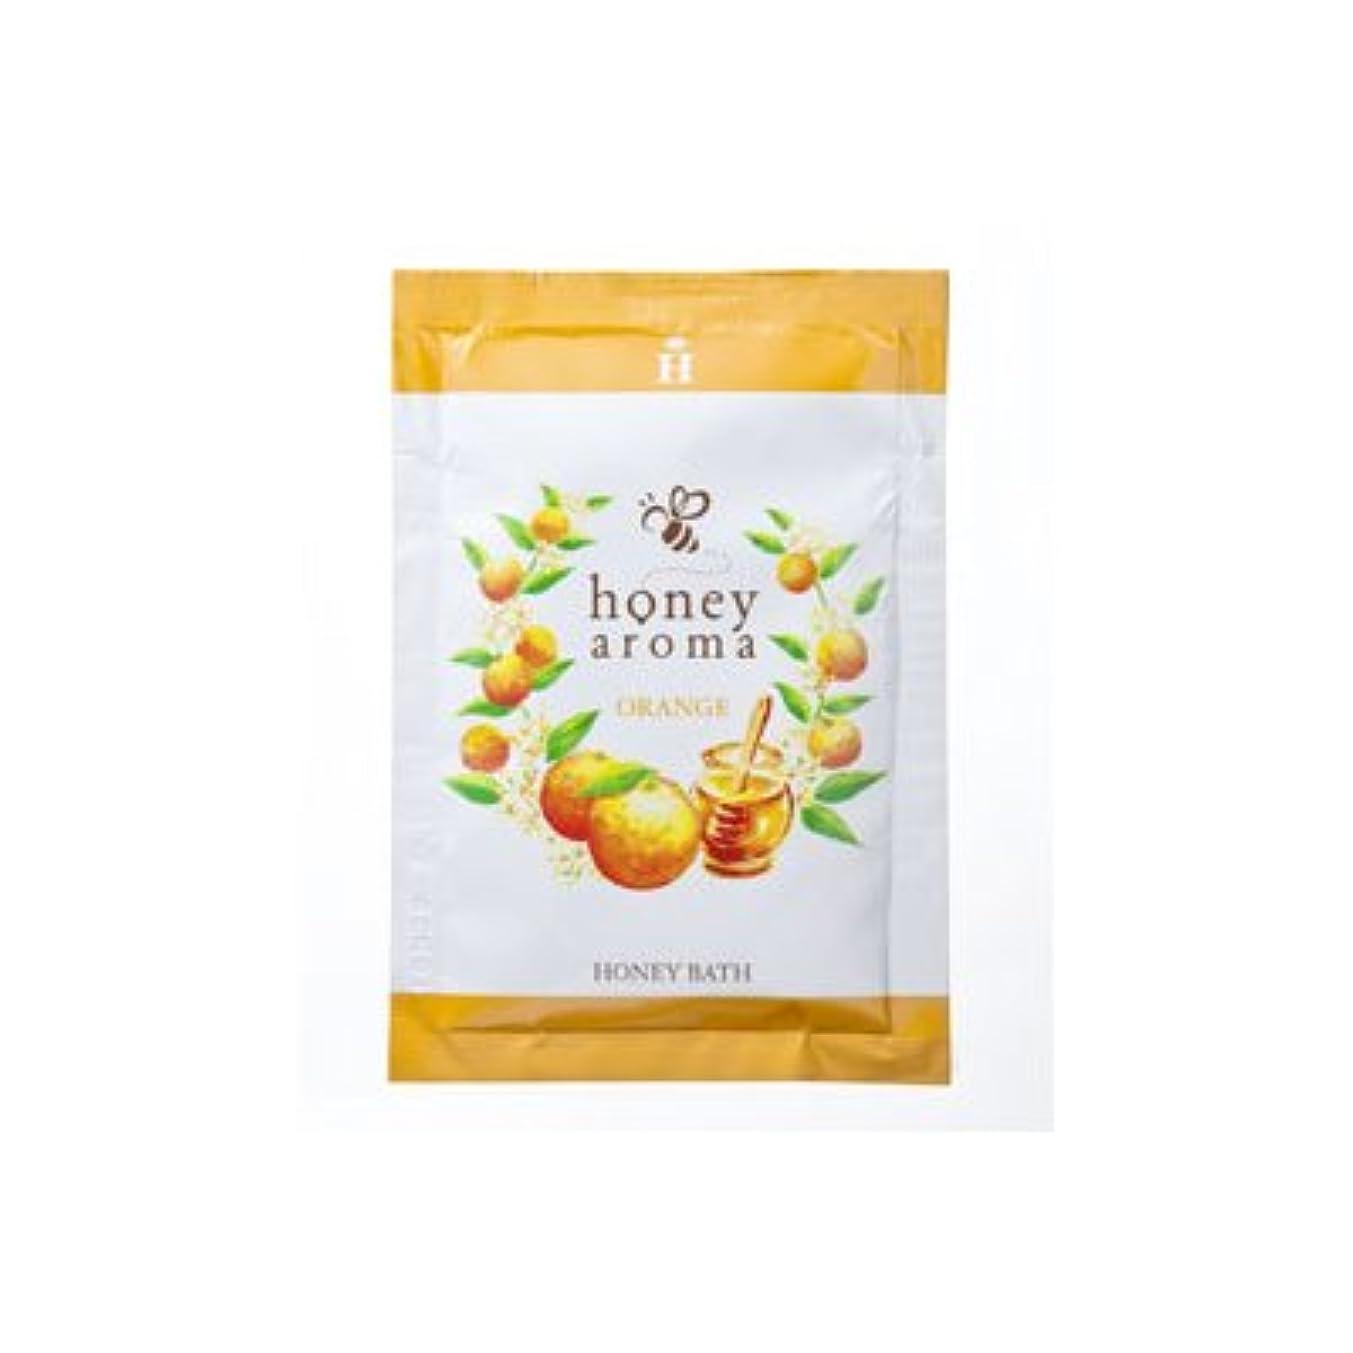 言い換えるとアルネ宅配便ハニーアロマ ハニーバス(入浴剤) 5包(オレンジの香り)